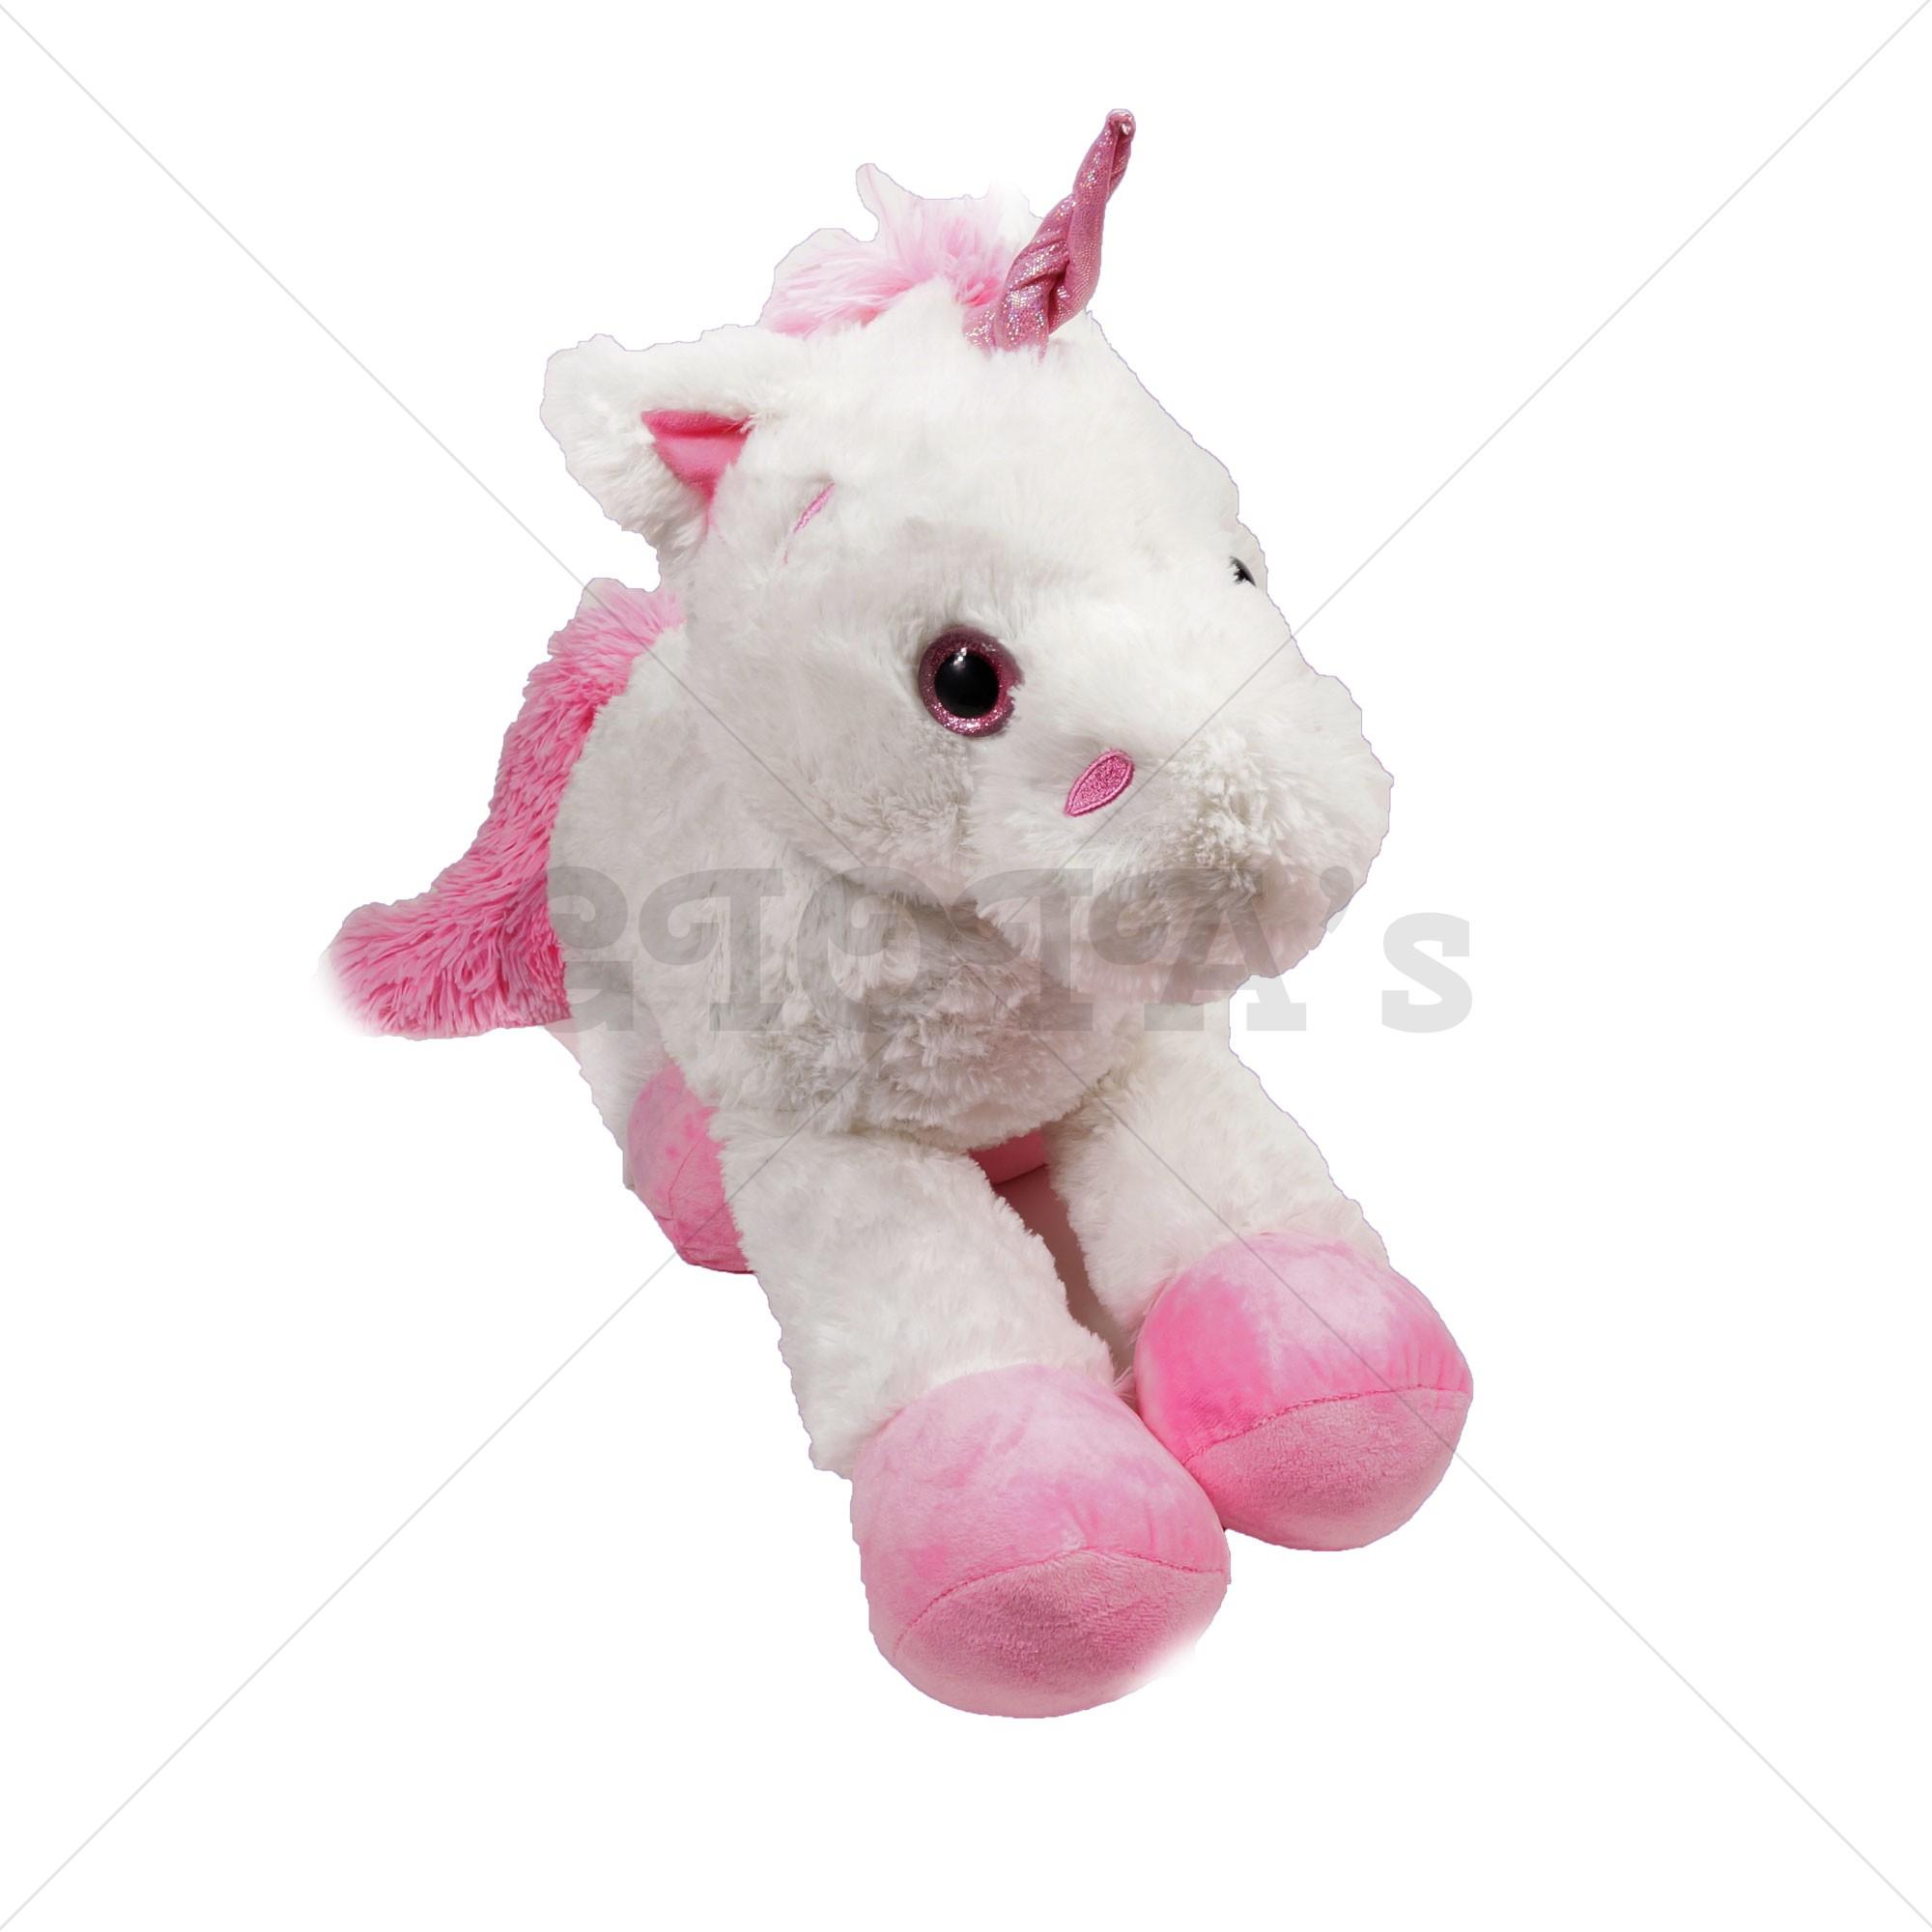 8f3e21f0eed761 Unicorn knuffel pluche wit 80 cm - GIOIA's cadeau en feestartikelen